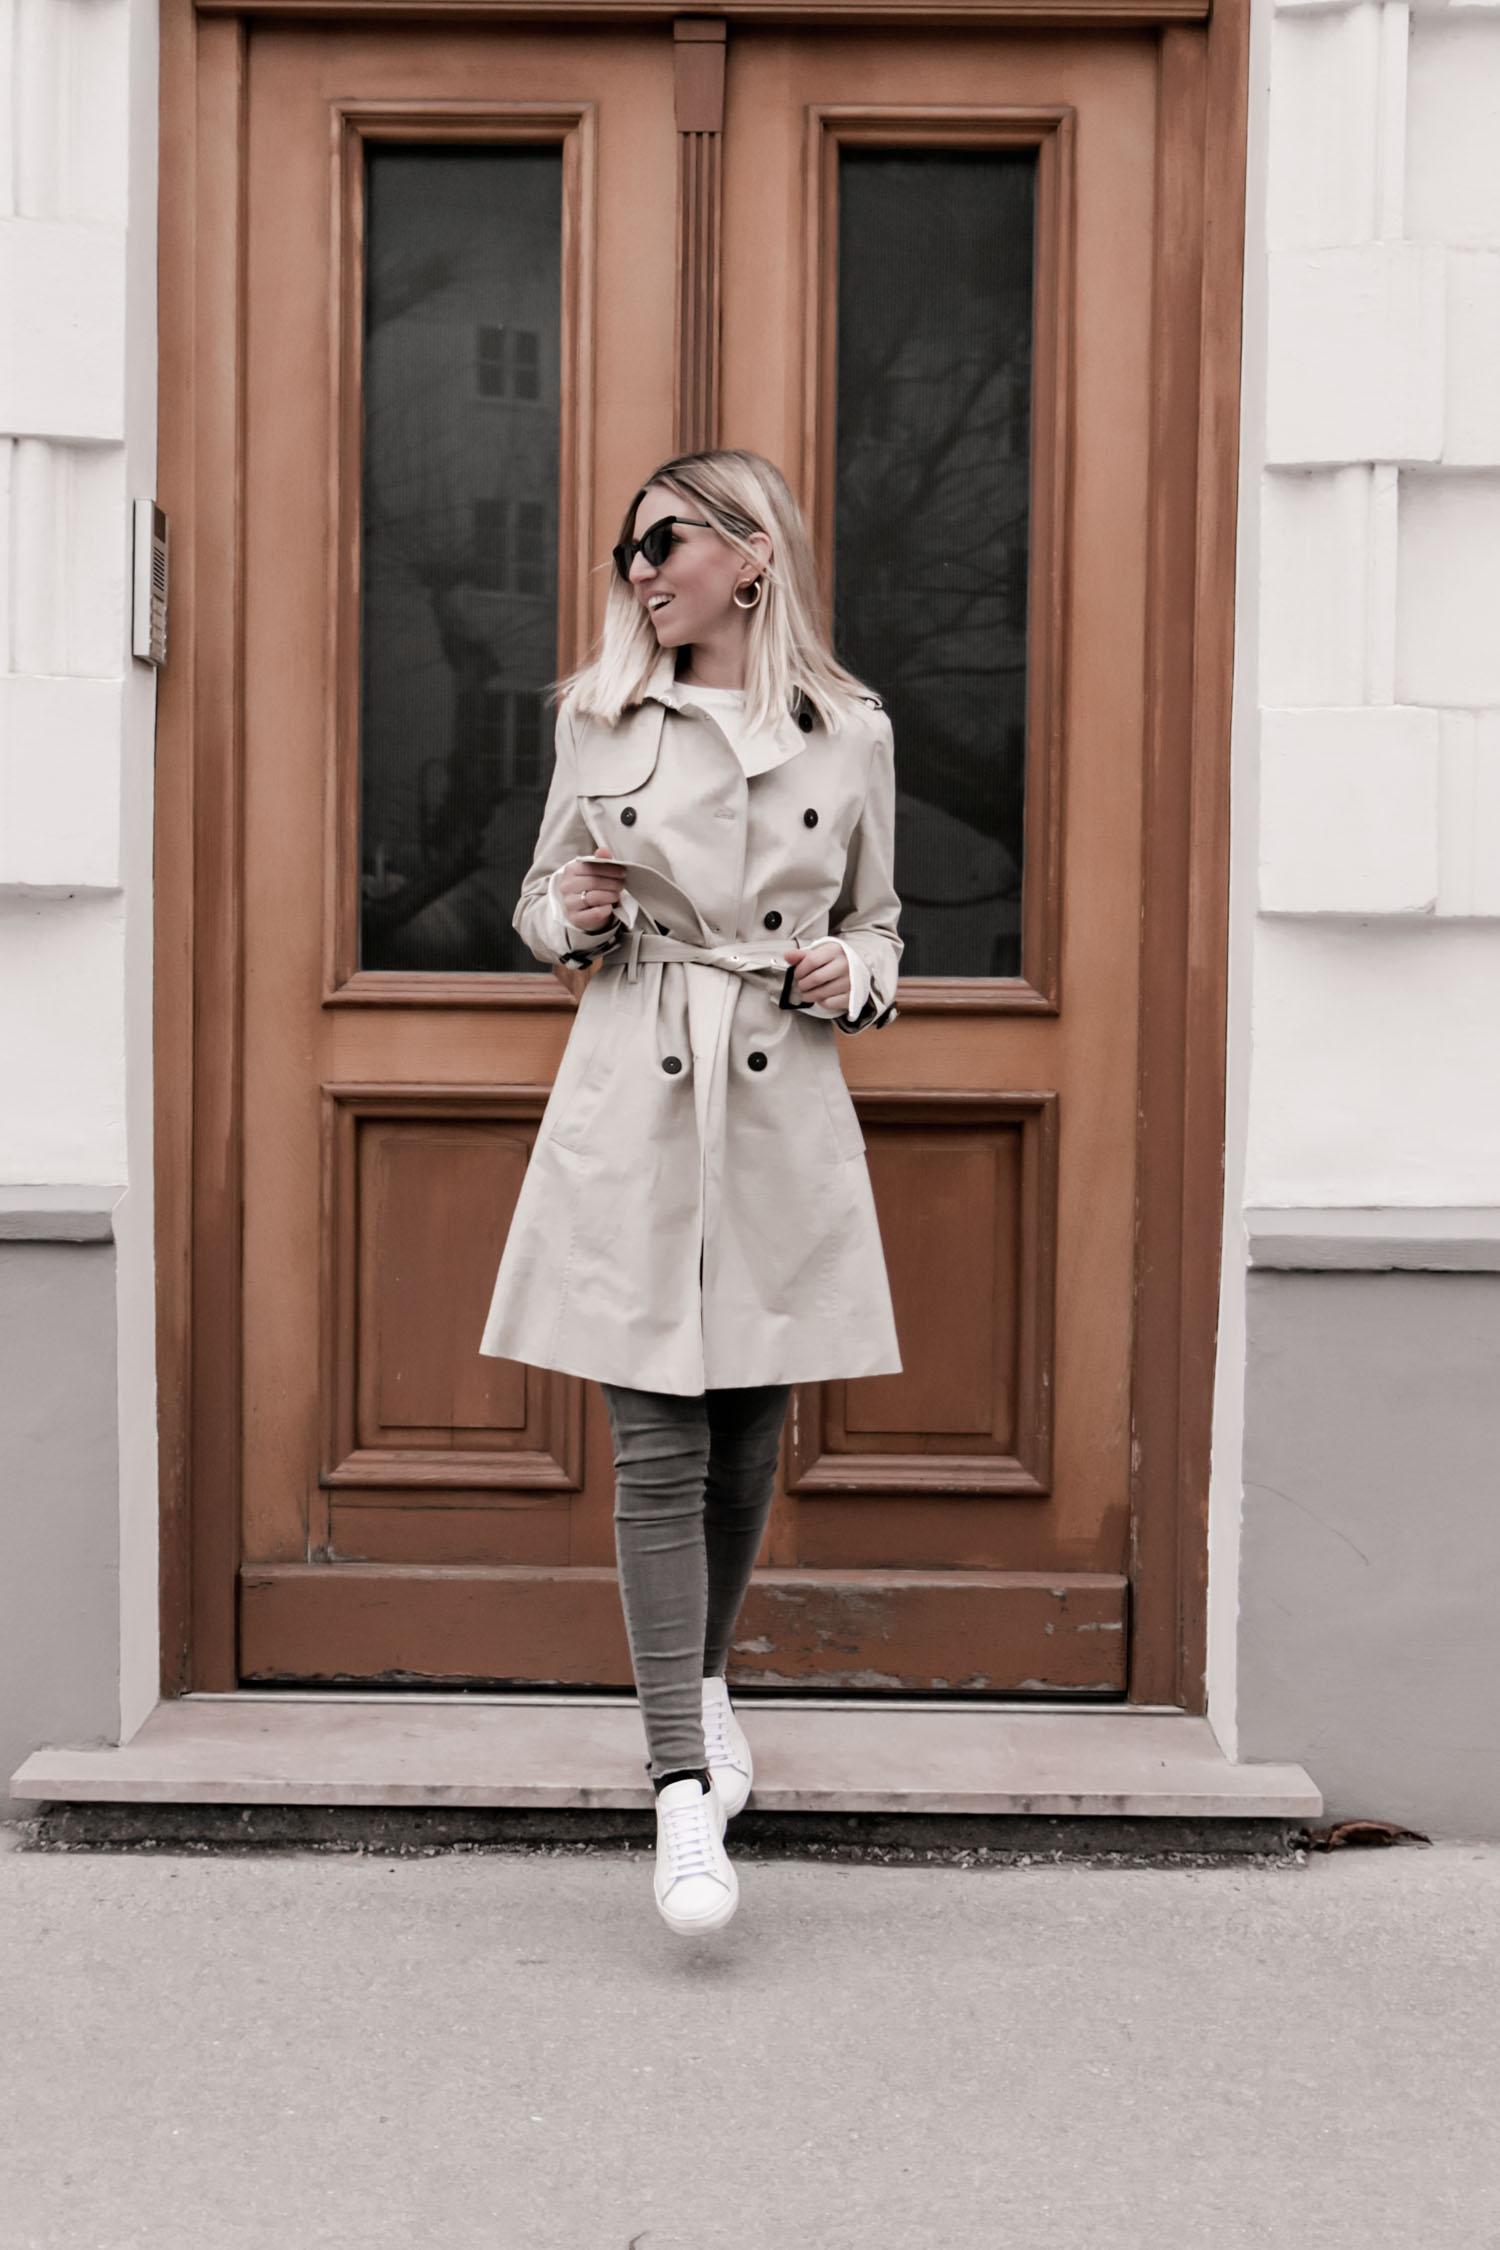 Klassischer Tenchcoat 2018 23timezones Christina Faullend